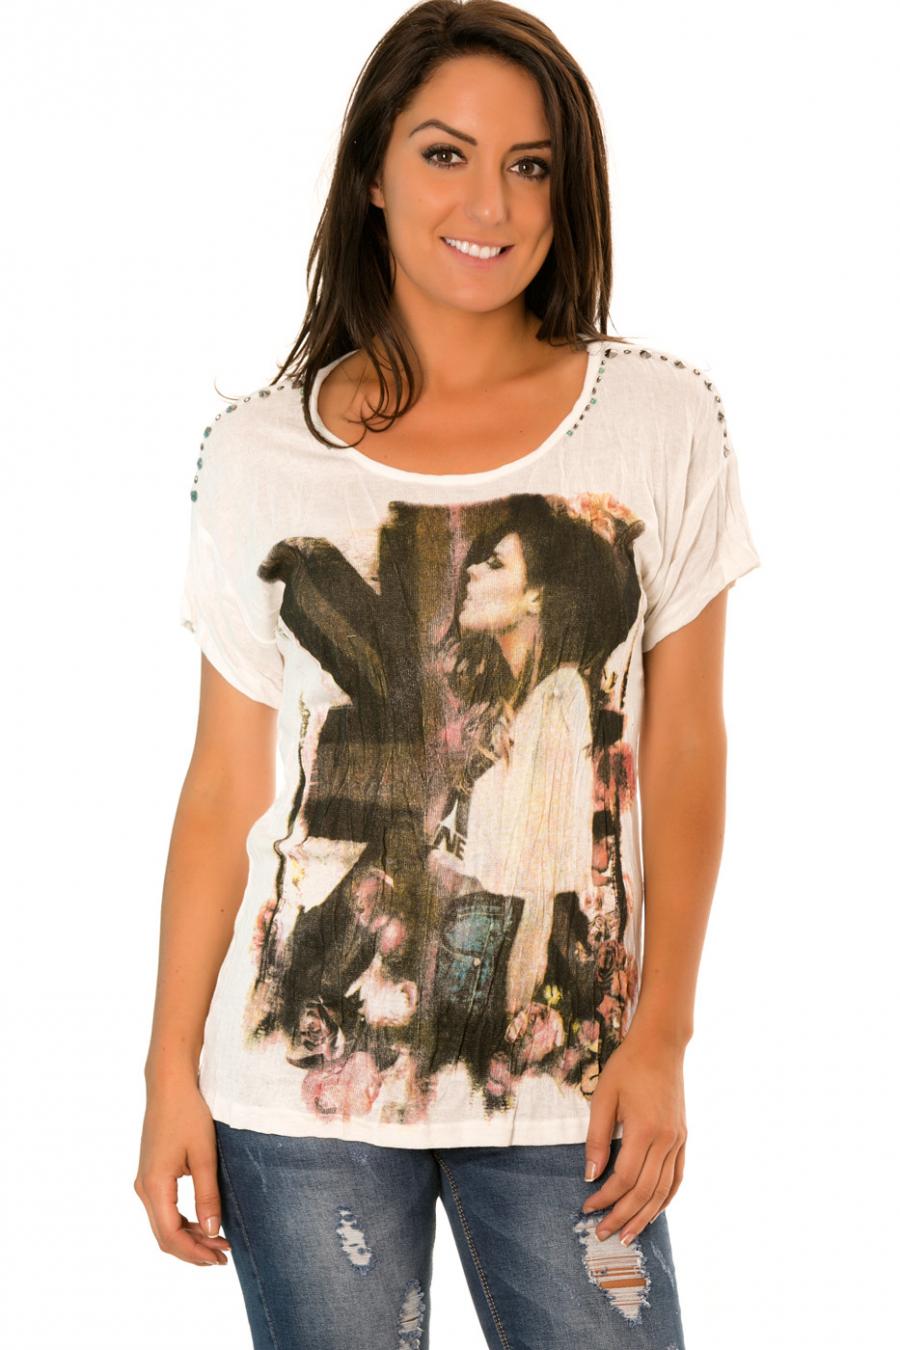 Tee shirt Blanc avec imprimé femme et perles sur les épaules - R-209